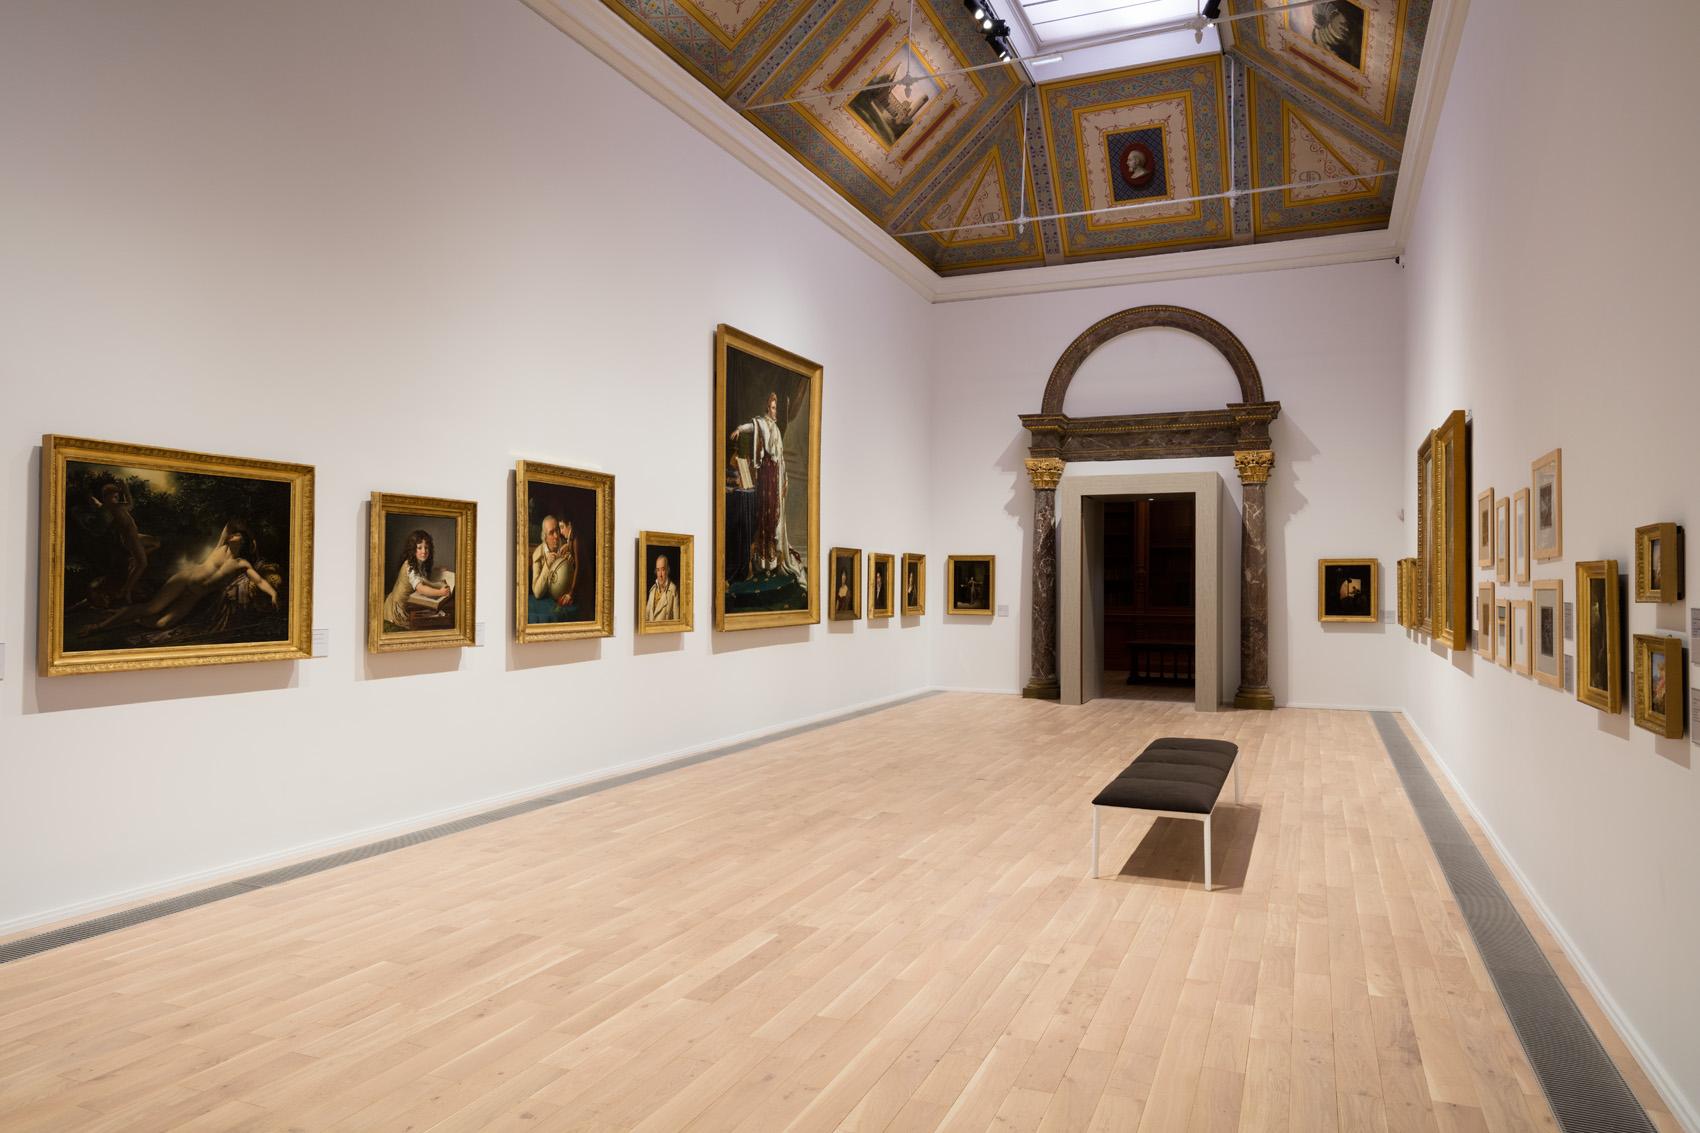 In Francia riaprono oggi i musei, ma solo i piccoli: per il Louvre e i grandi ci sarà da aspettare luglio